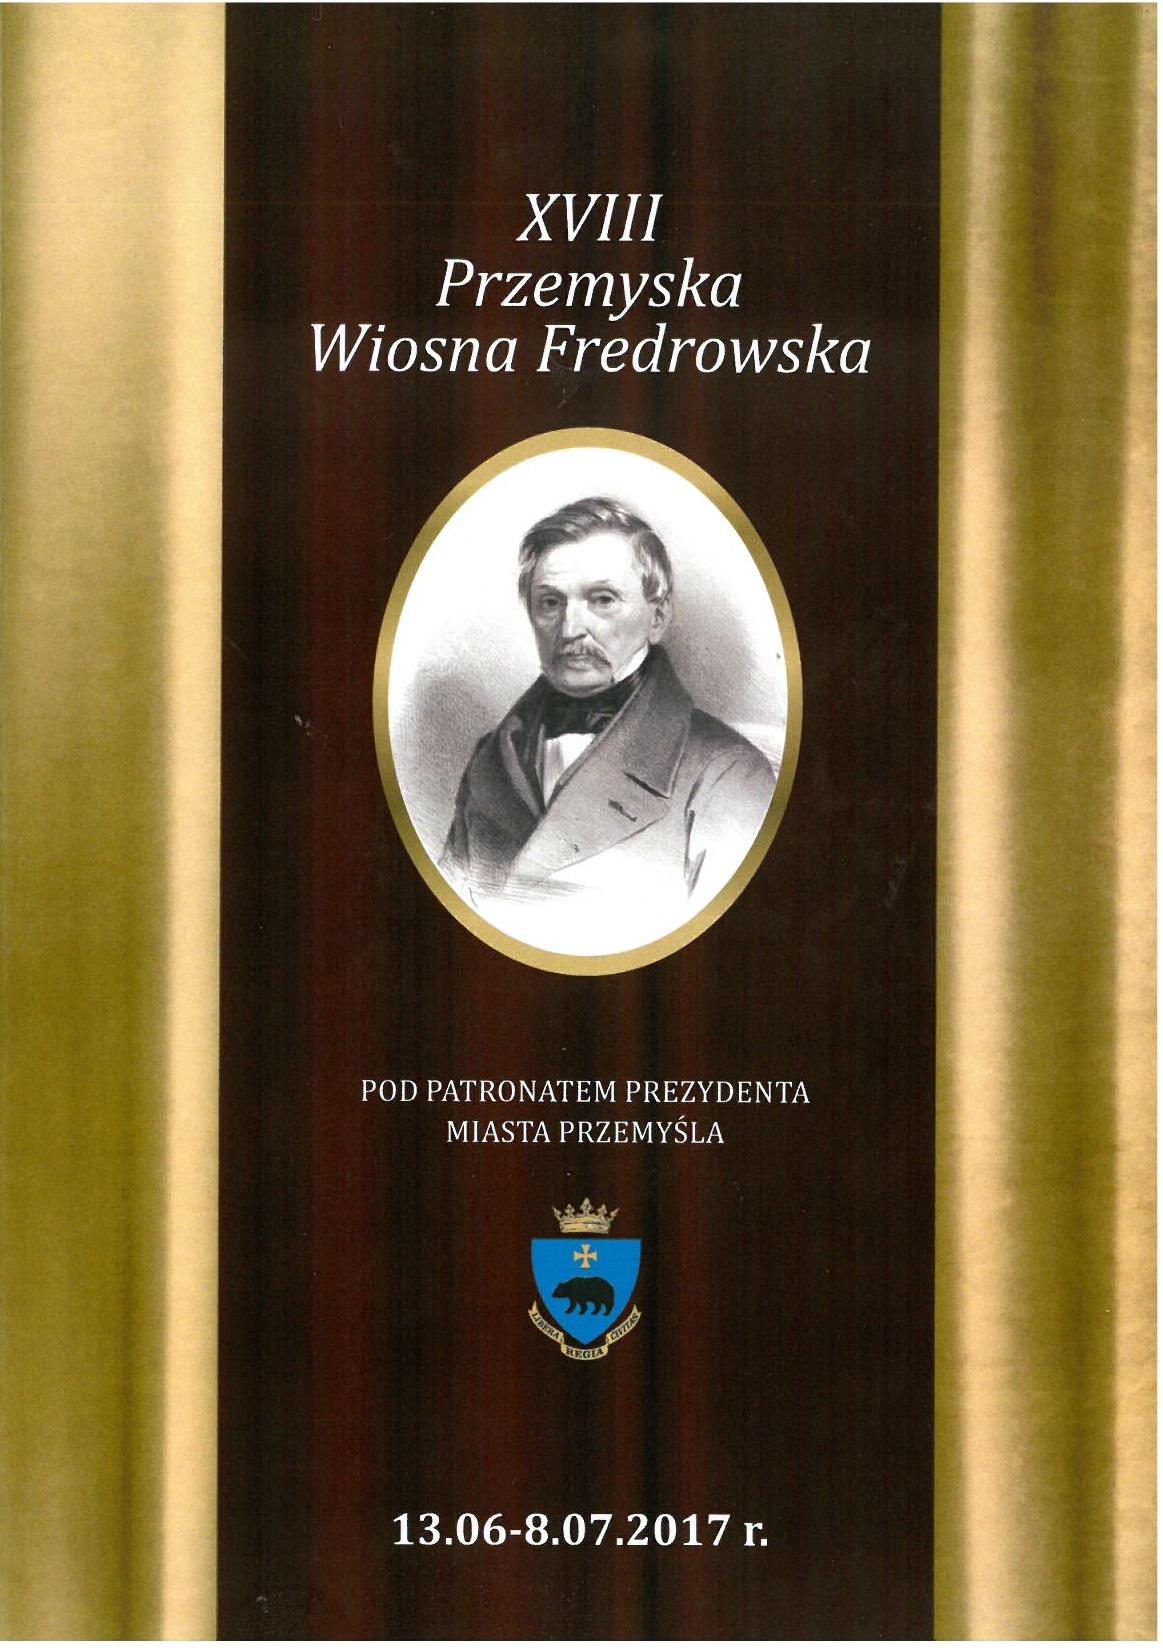 XVIII Przemyska Wiosna Fredrowska